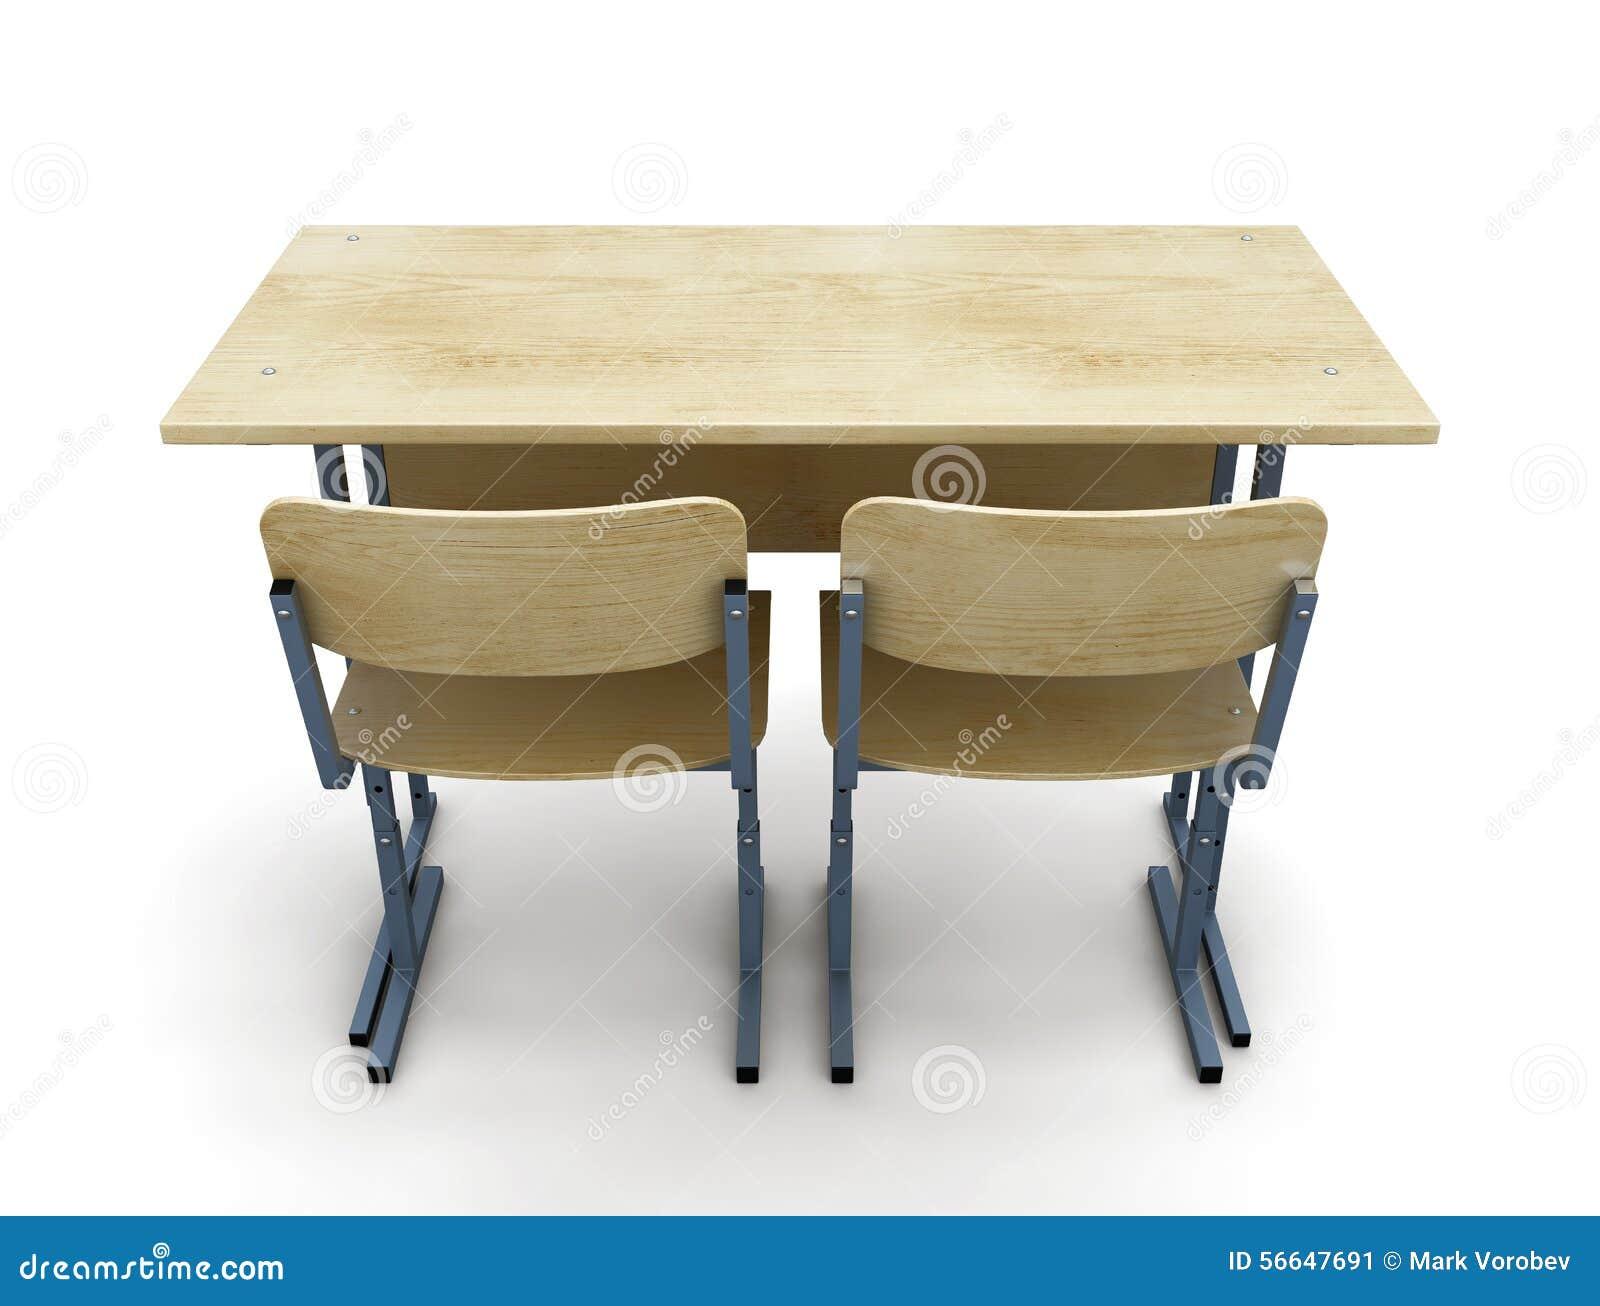 Schulbank zeichnung  Schulbank Mit Zwei Stühlen Auf Einem Weiß Stock Abbildung - Bild ...